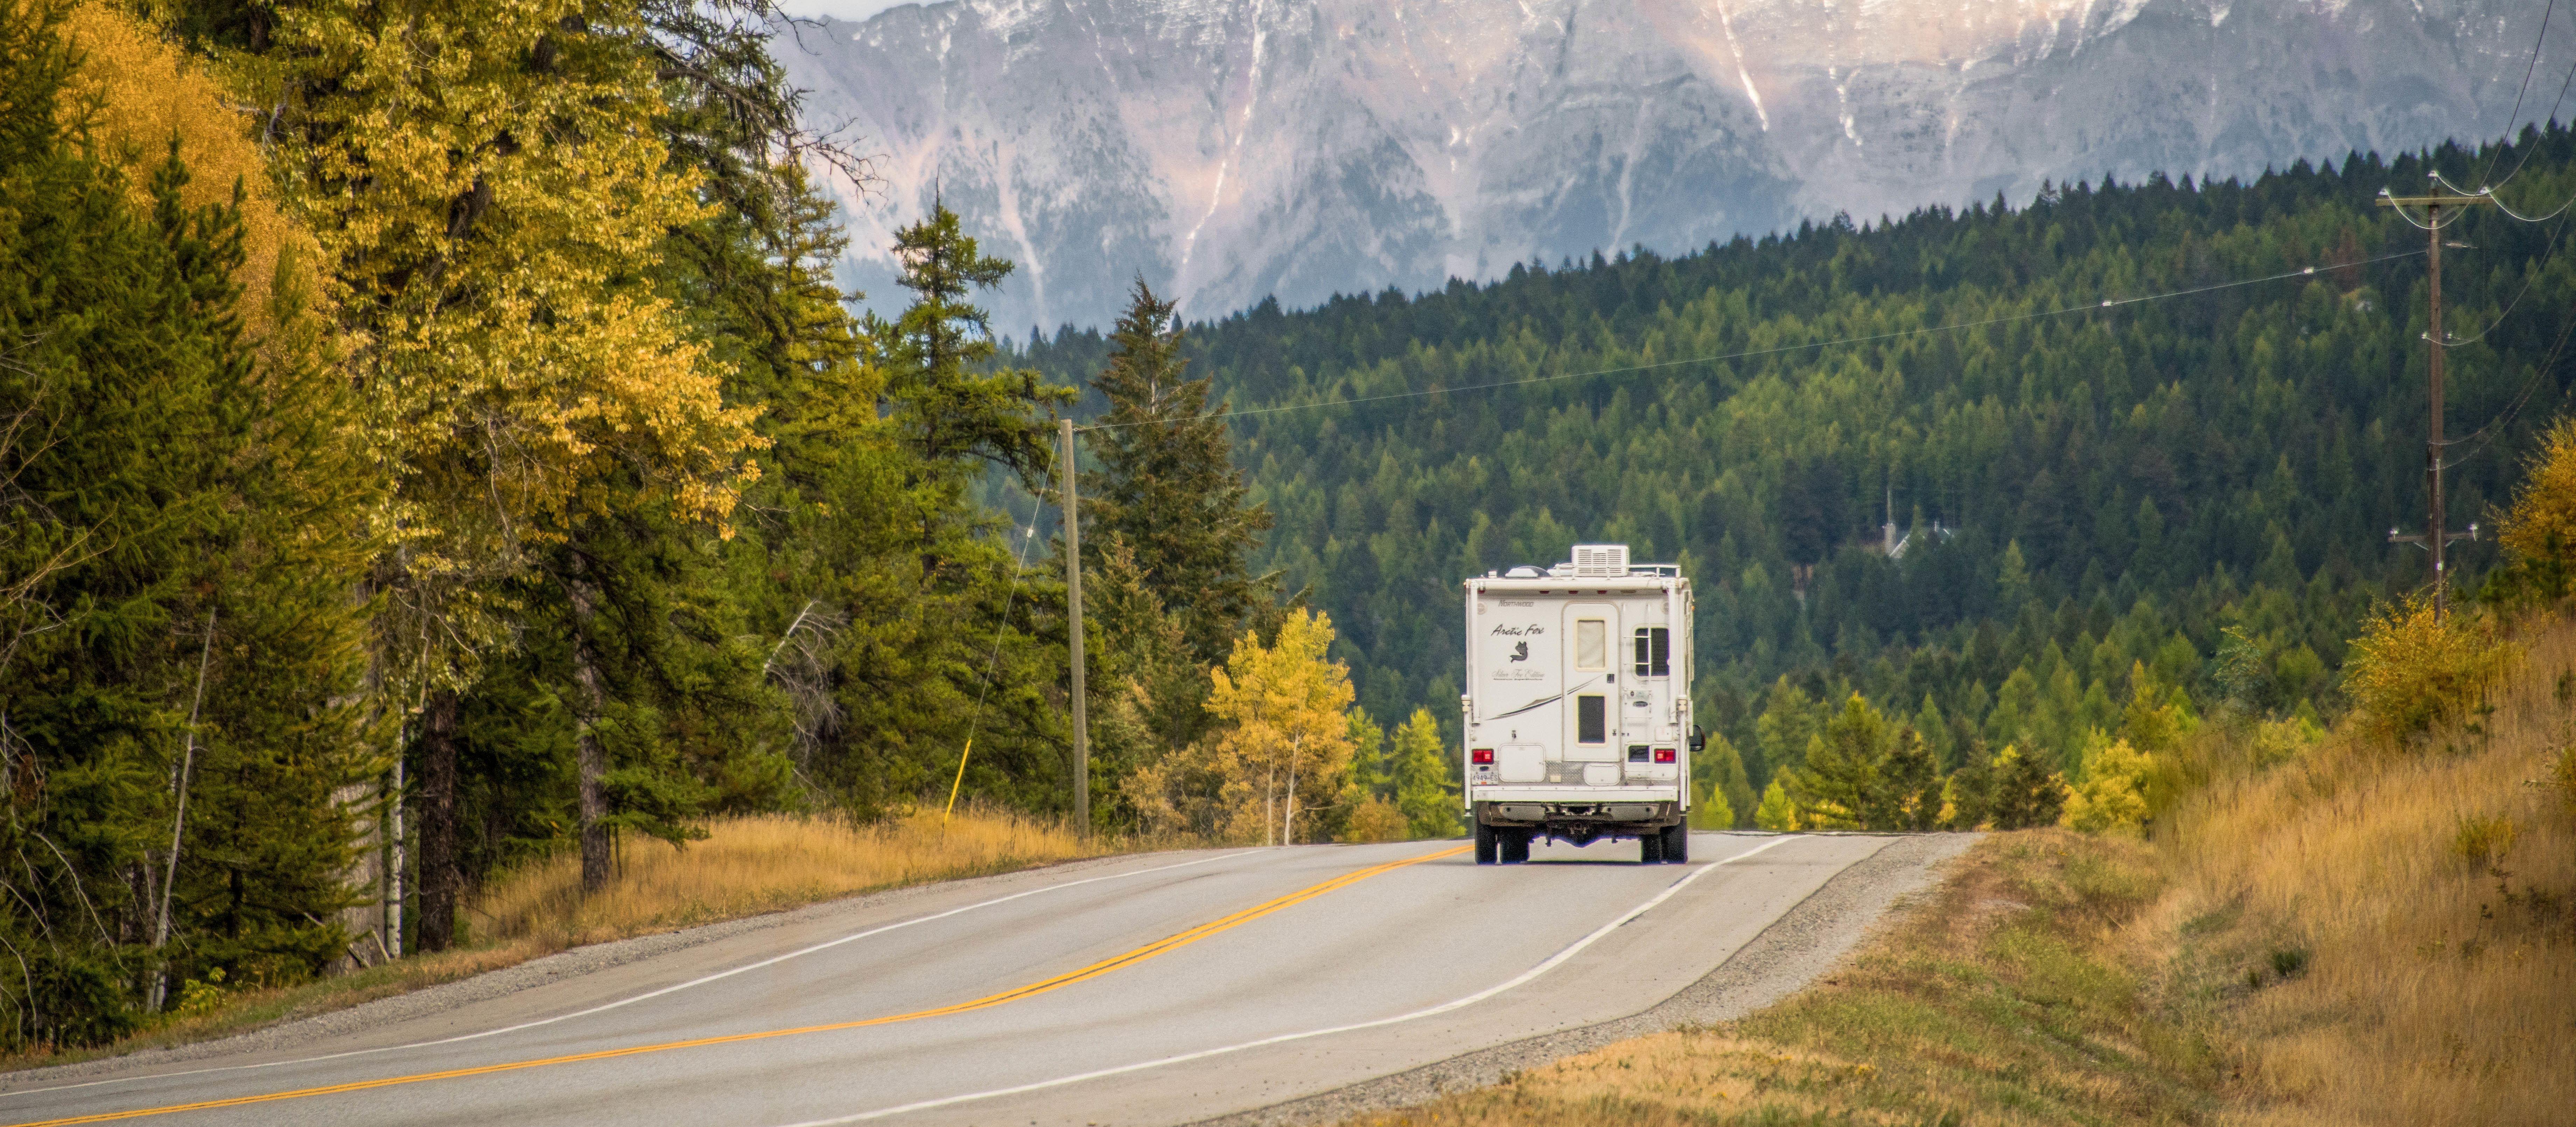 Wohnmobil British Columbia